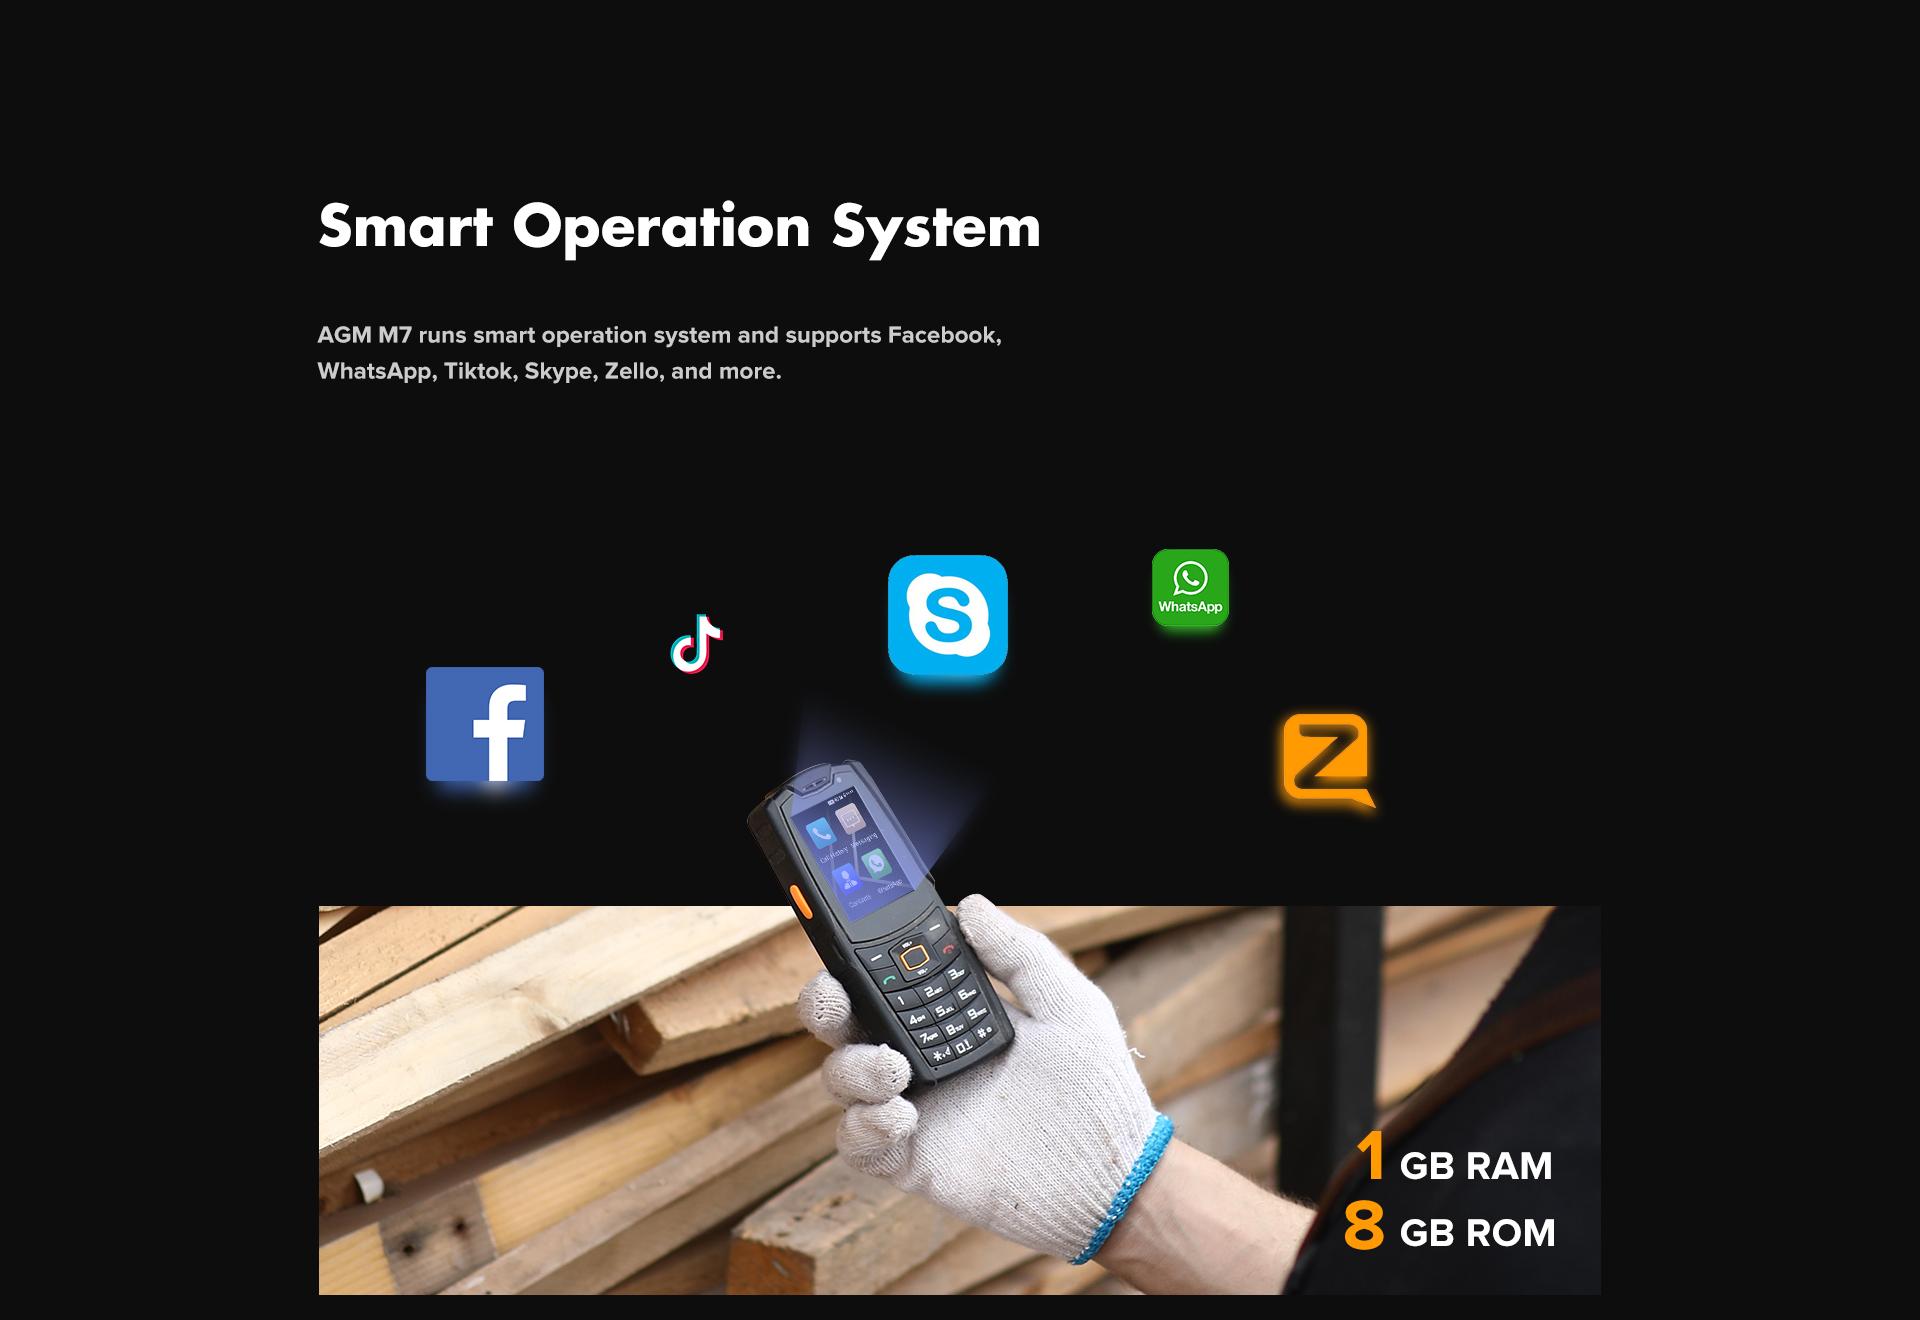 Conheça o smartphone AGM M7